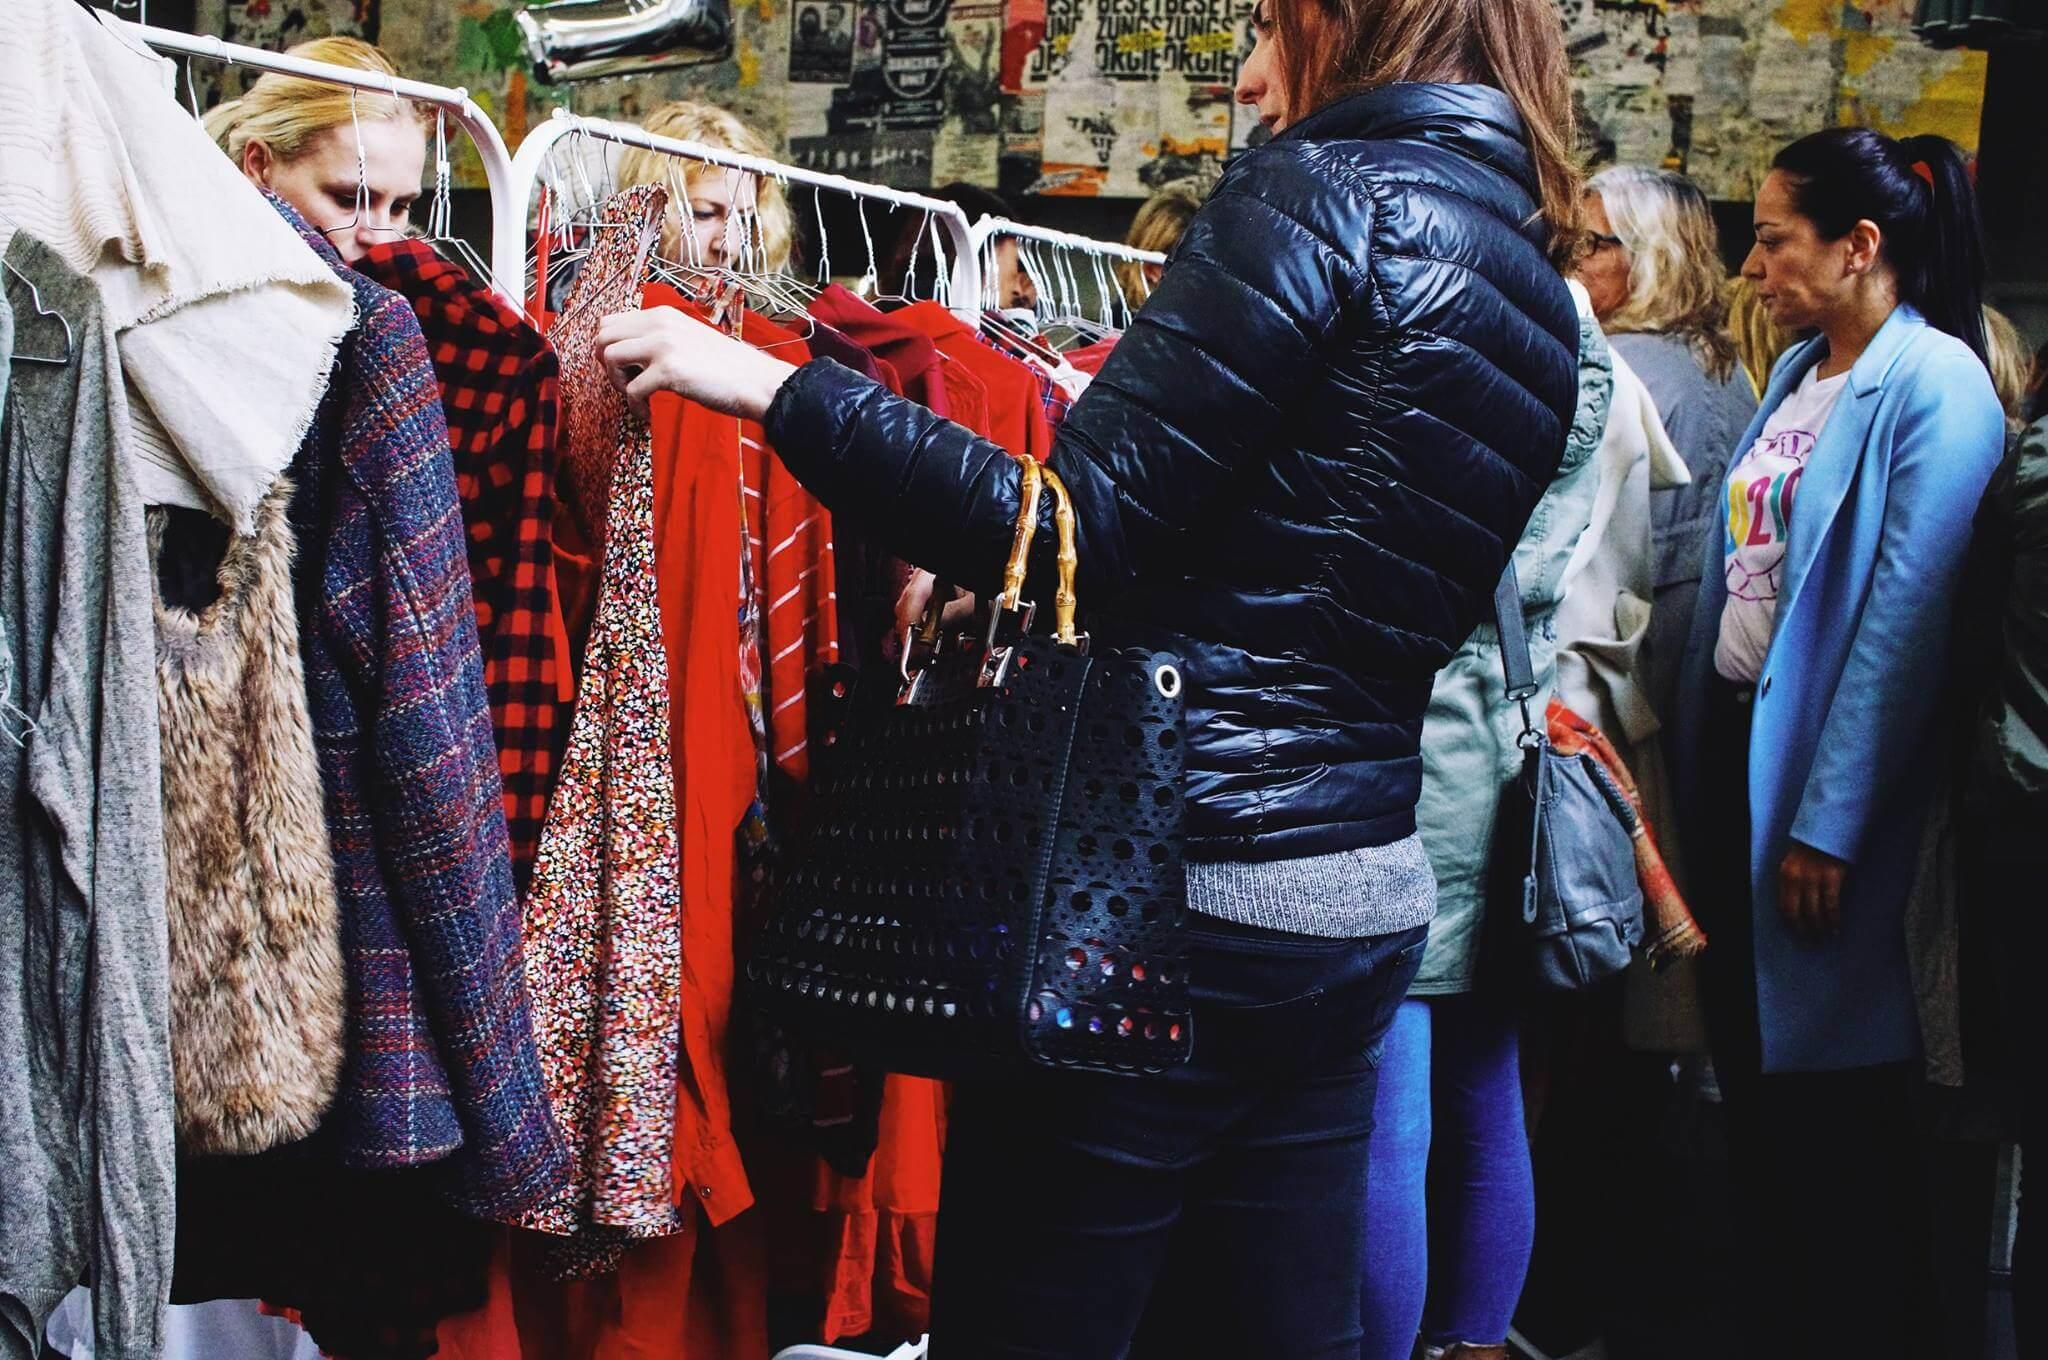 Ladies aufgepasst! Der Love Garments Market hält Kleidung, Accessoires & Schuhe aus zweiter Hand für dich bereit!